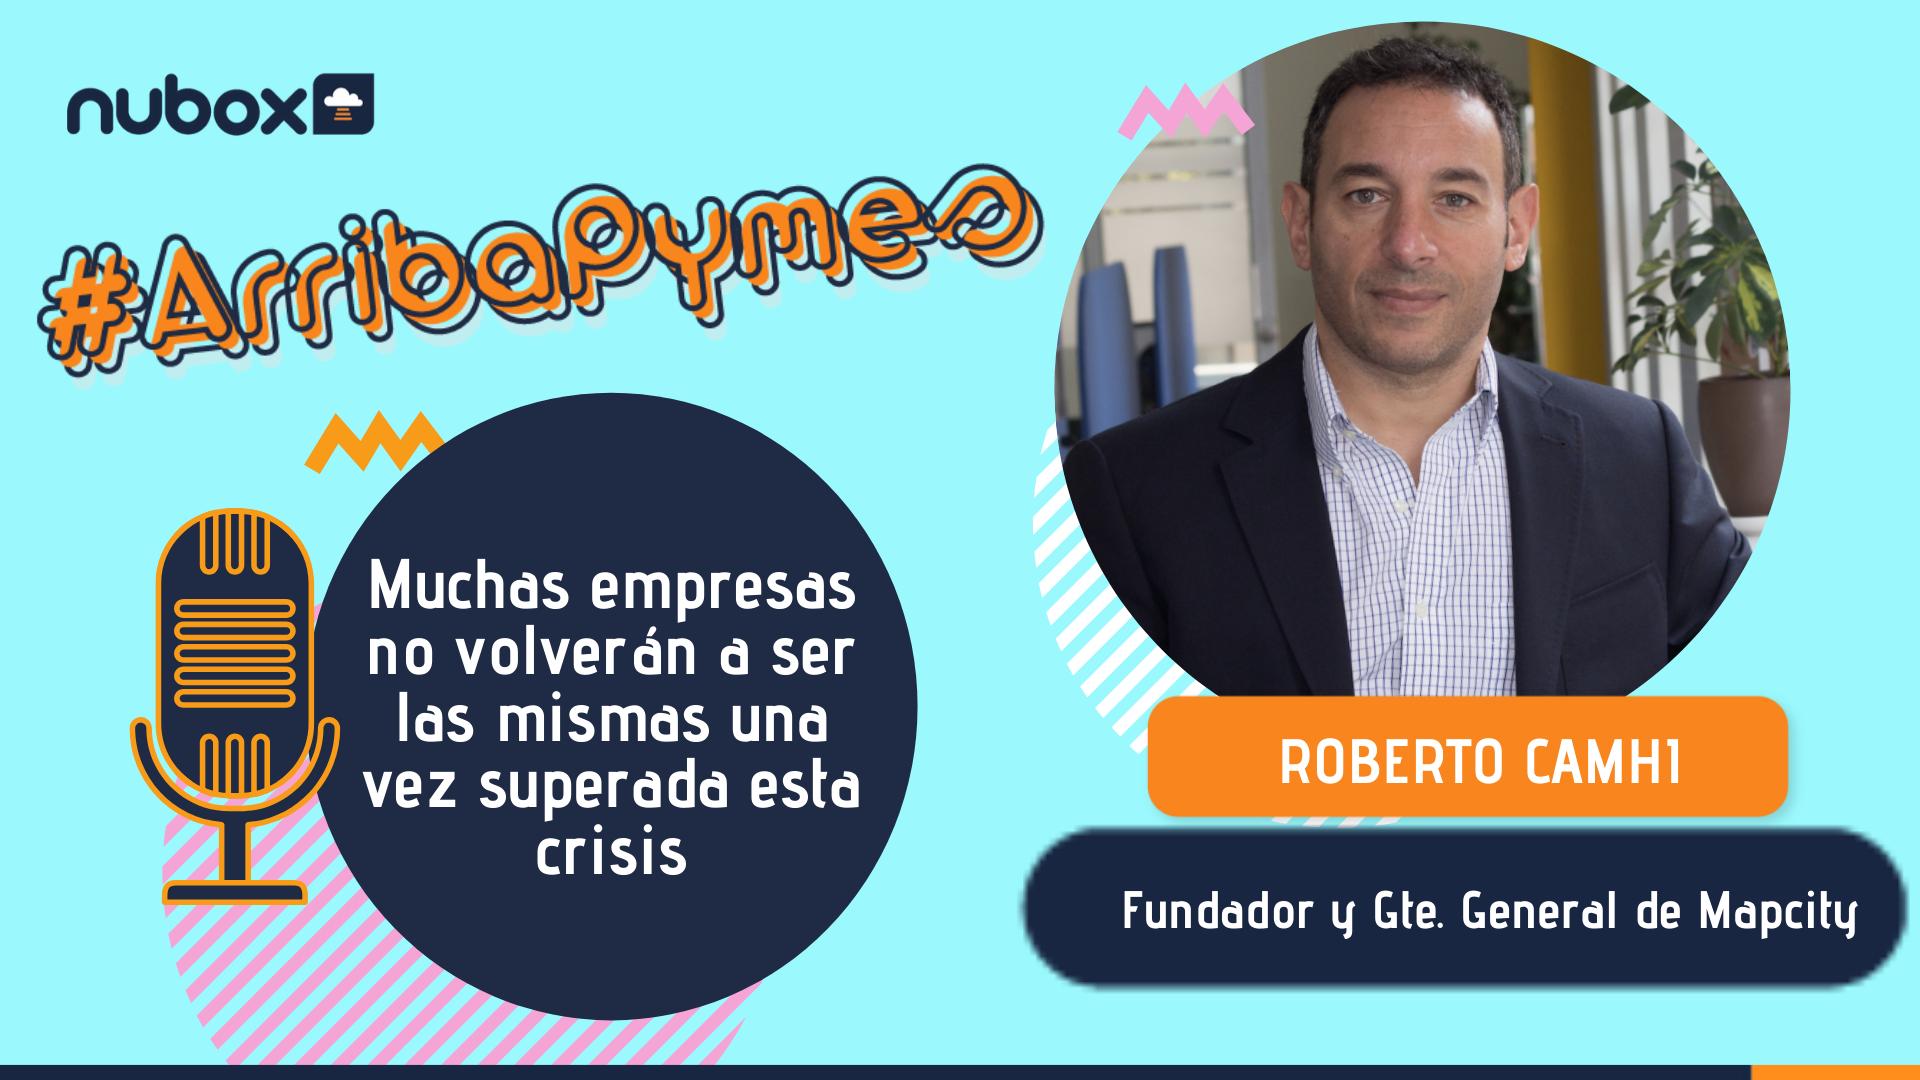 [Podcast #6] Roberto Camhi: Muchas empresas no volverán a ser las mismas una vez superada esta crisis